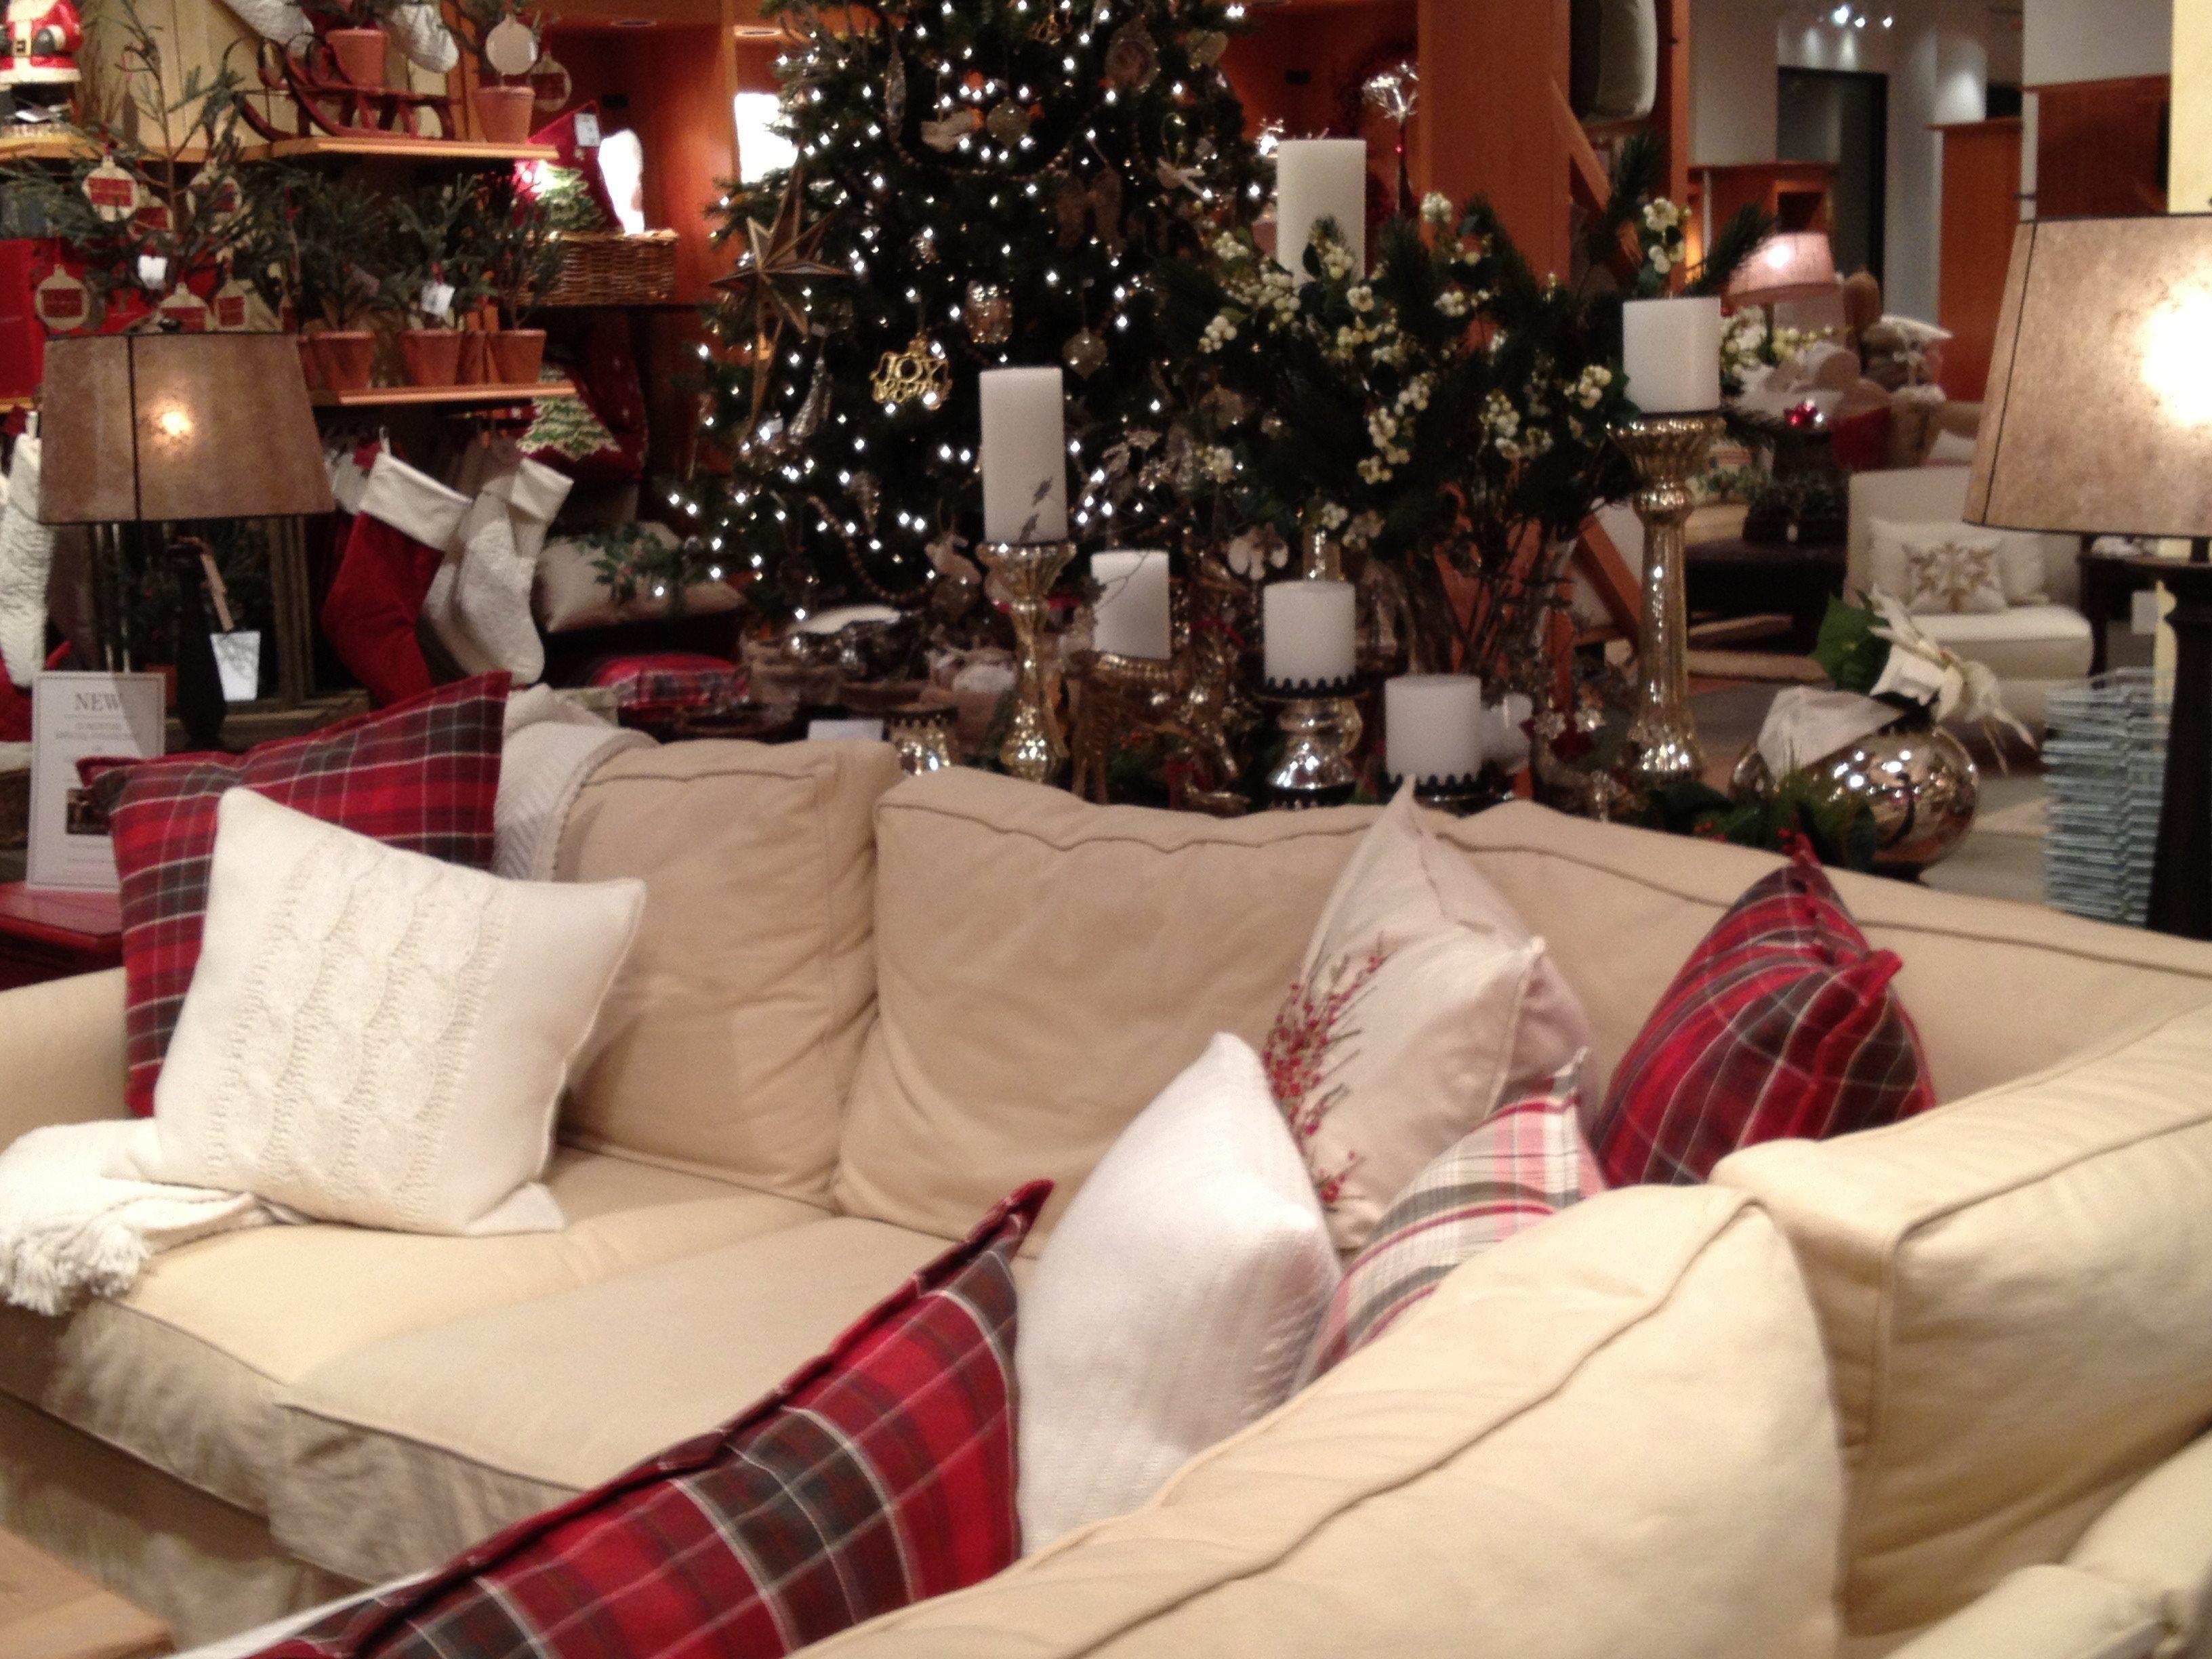 Christmas Cozy Living Room Ideas Home Ideas 2018 Holiday Living Room Christmas Living Rooms Pottery Barn Living Room